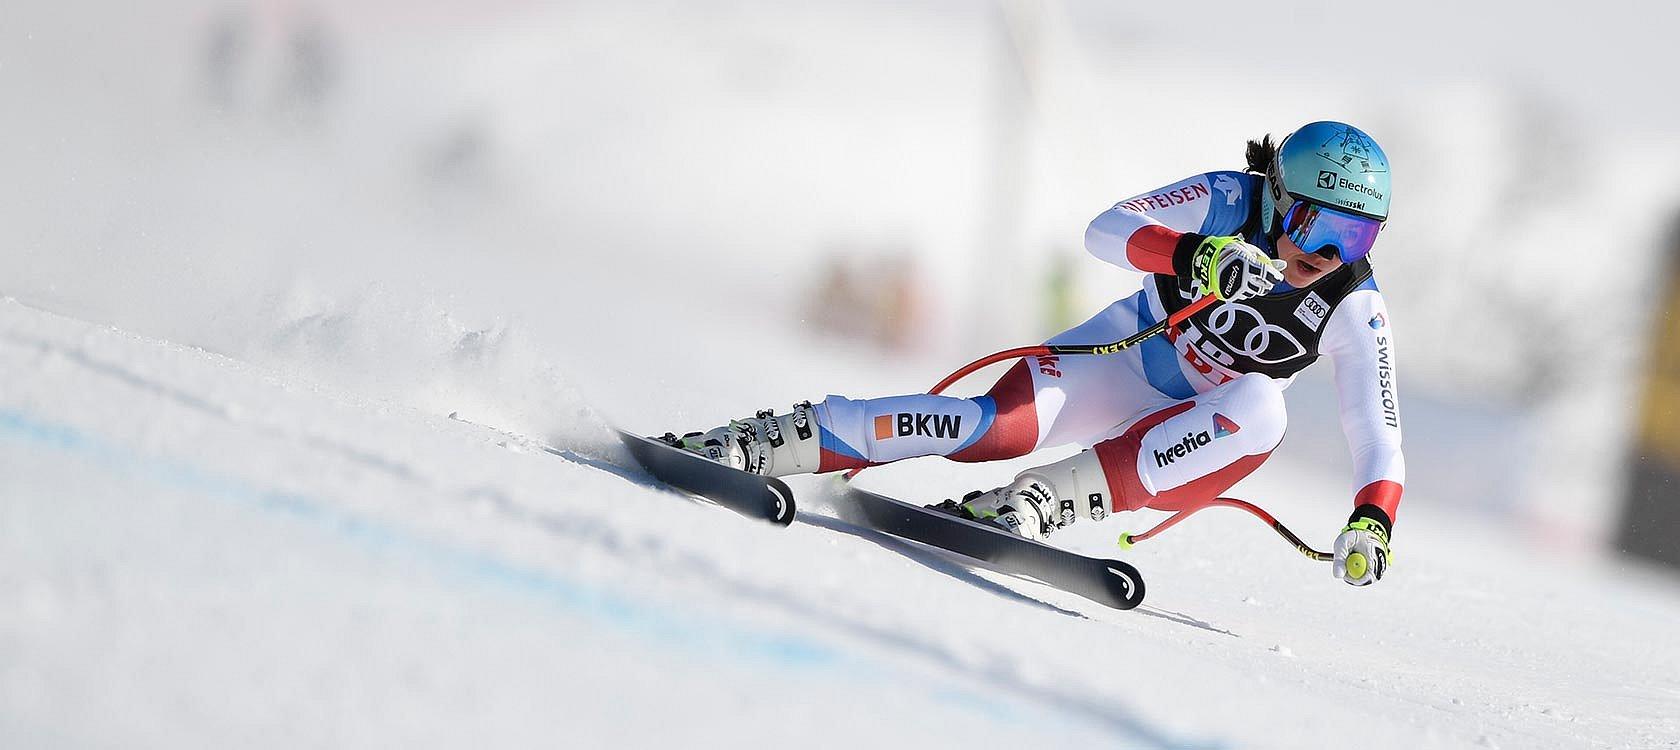 Ski Alpin Online Spielen